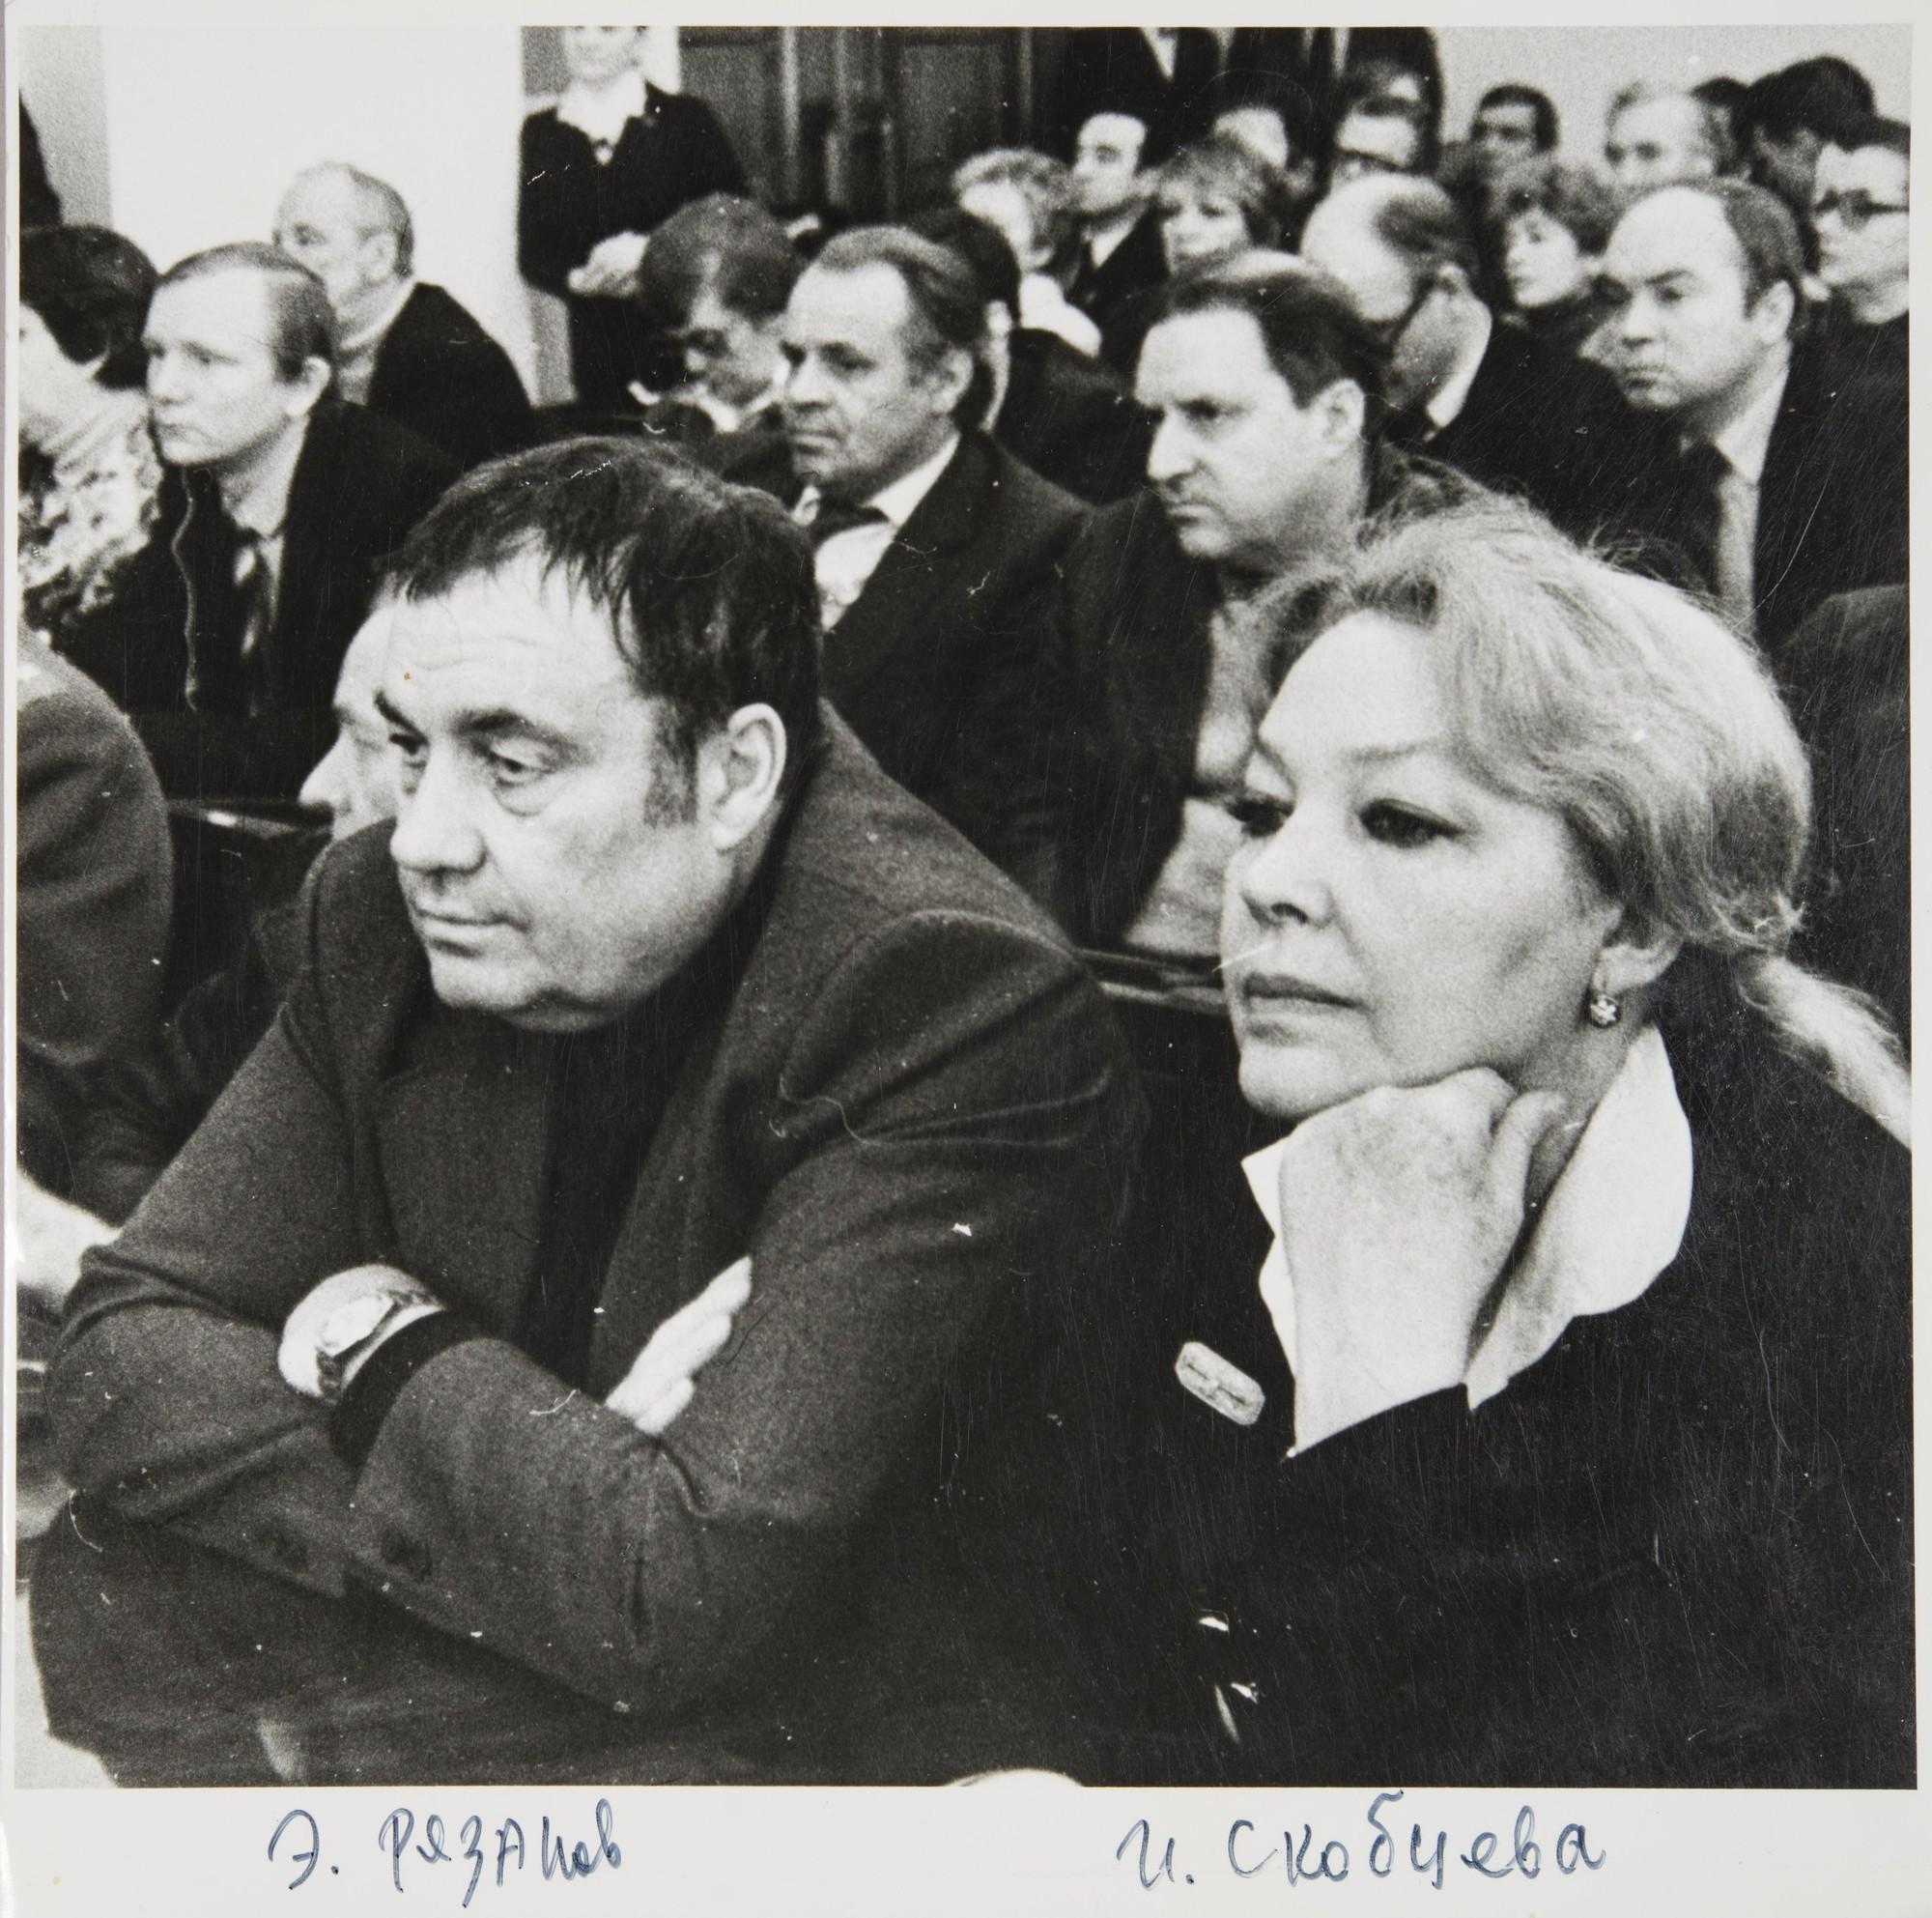 1970. Эльдар Рязанов и Ирина Скобцева.jpg